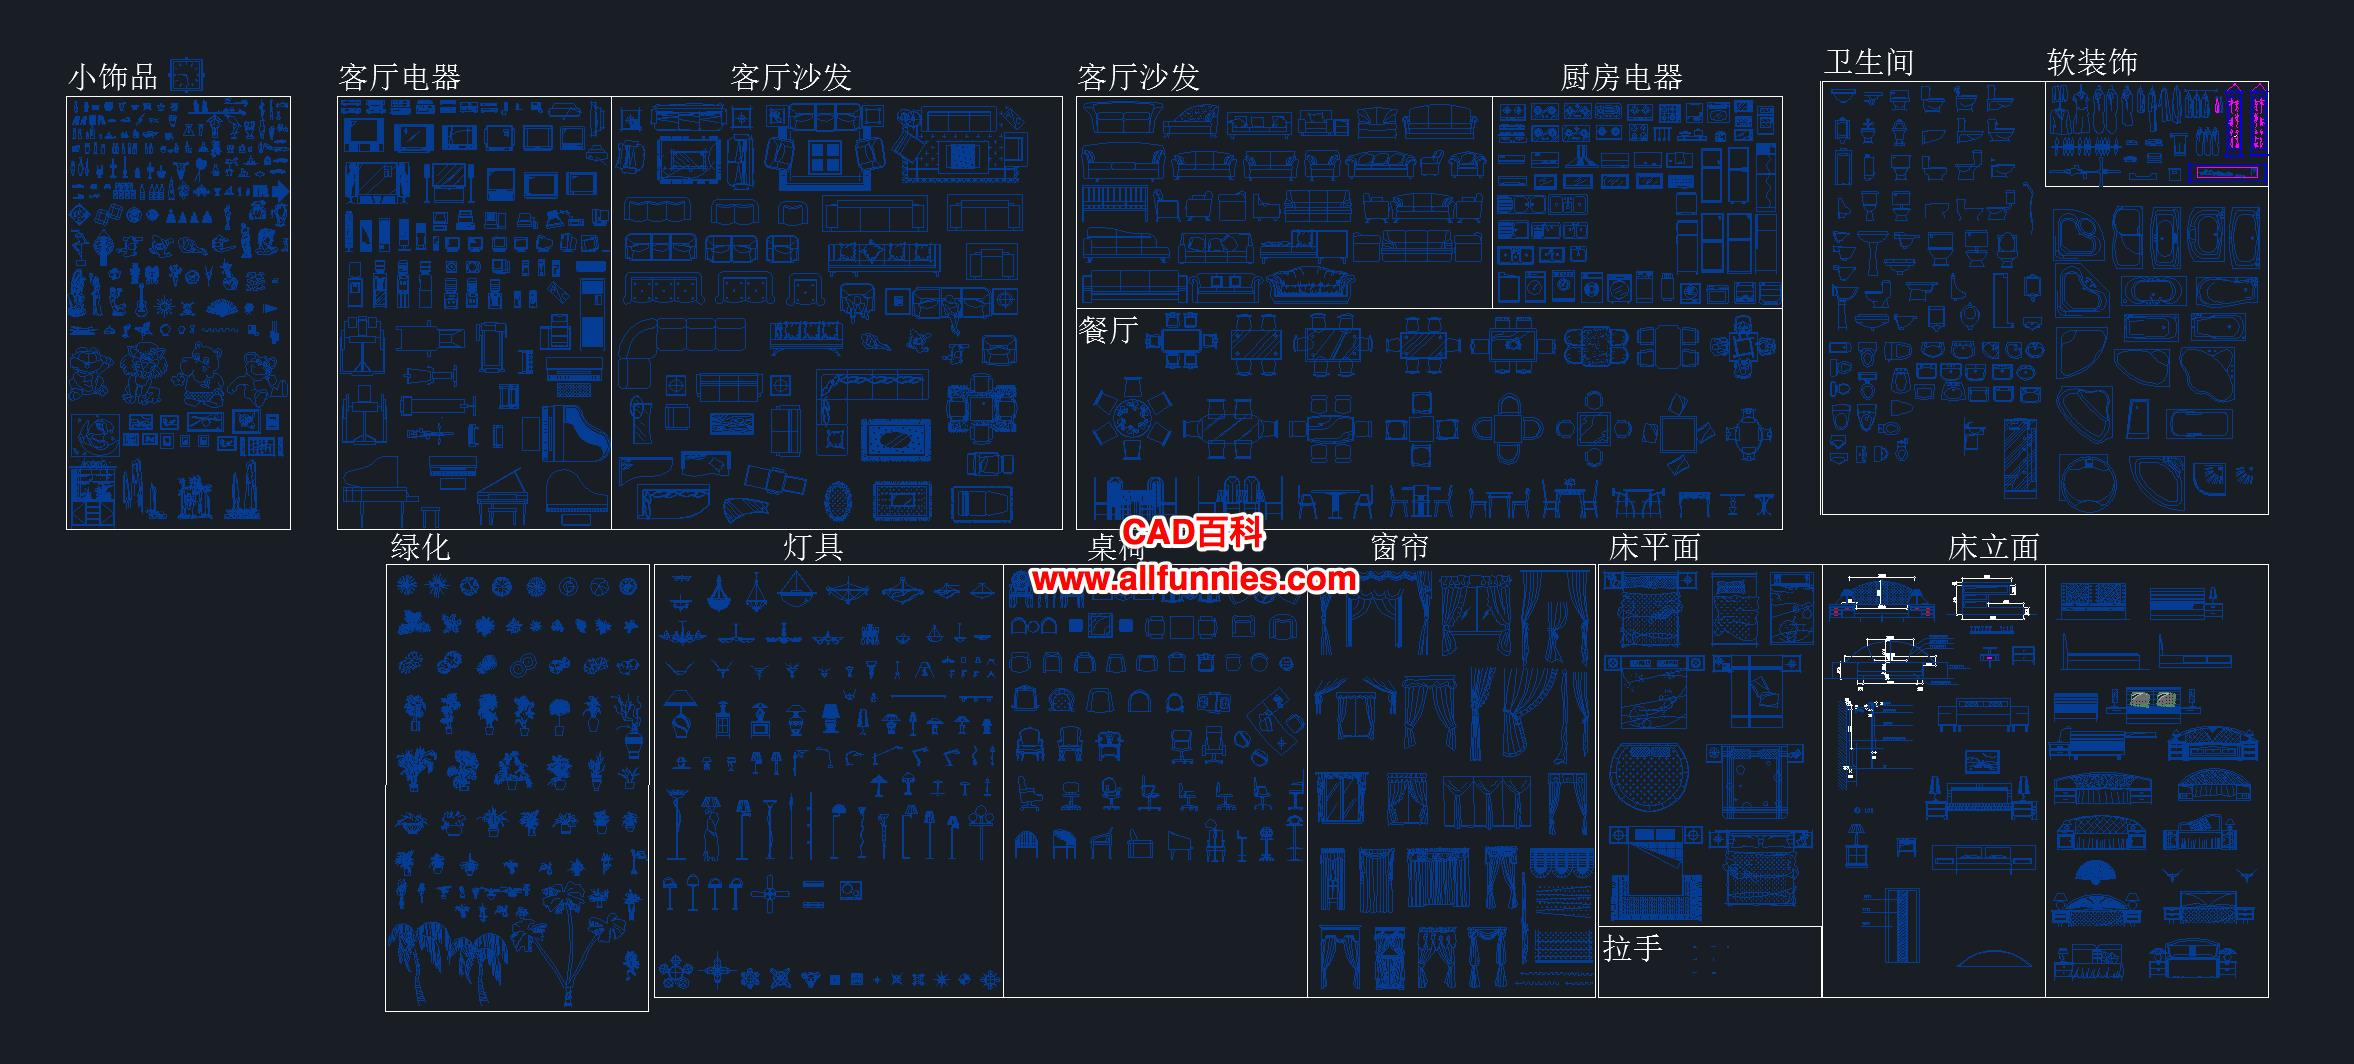 史上最全CAD室内家装家具设计平面素材下载